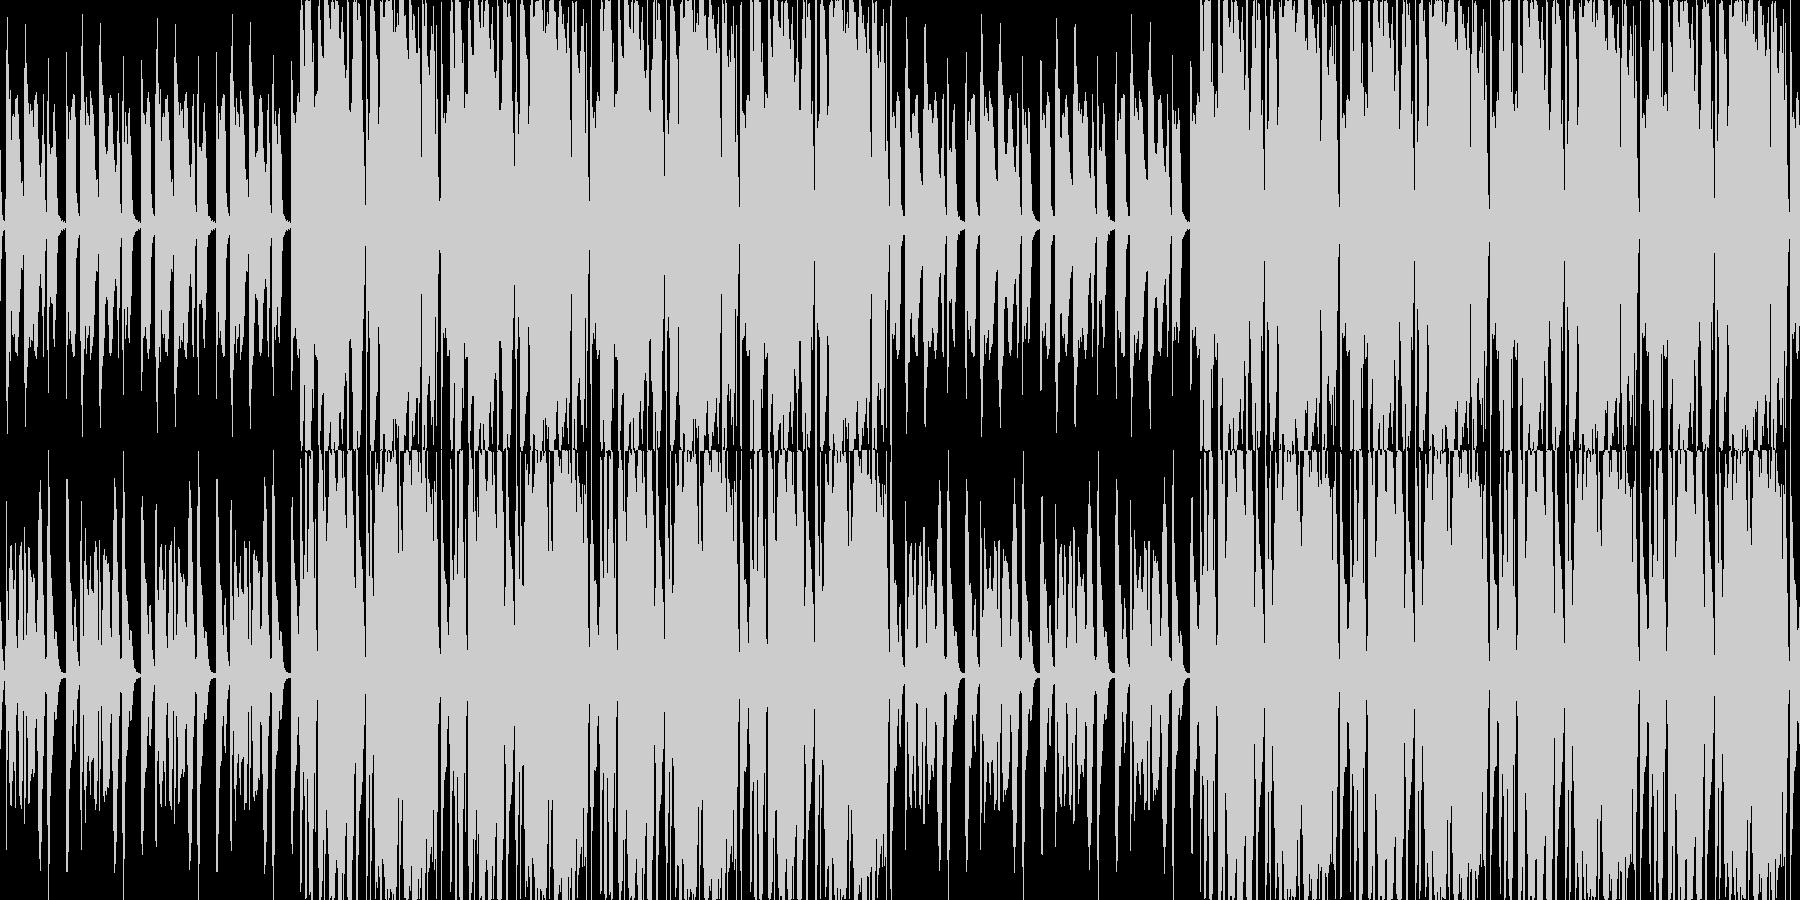 【レゲエ/ロック/ピアノ/ミドルテンポ】の未再生の波形